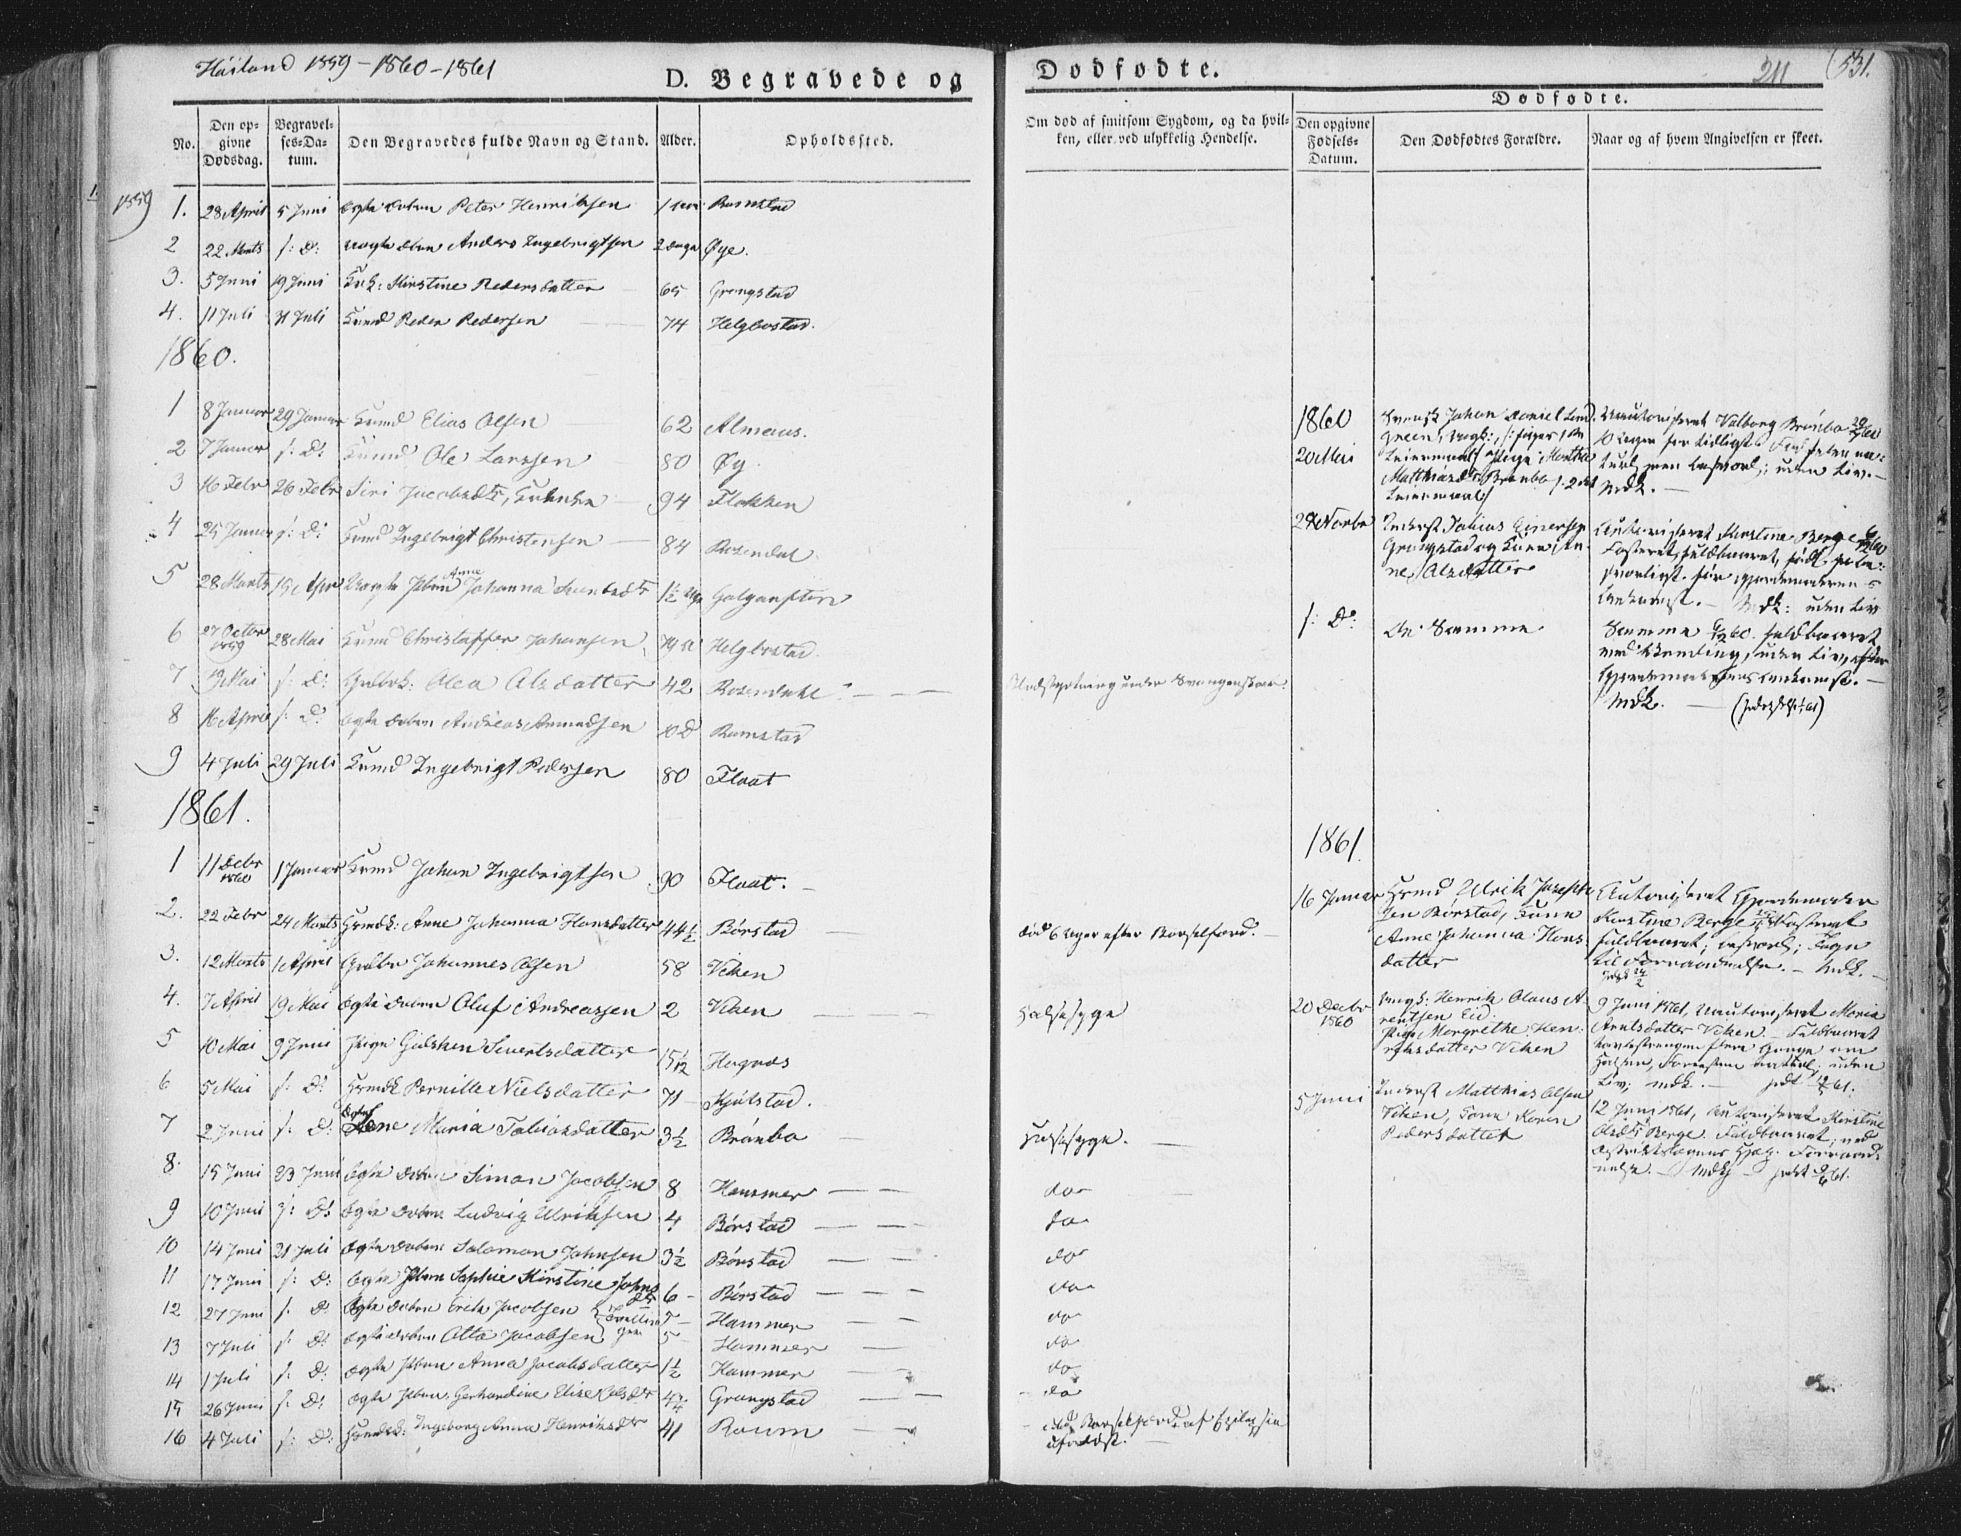 SAT, Ministerialprotokoller, klokkerbøker og fødselsregistre - Nord-Trøndelag, 758/L0513: Ministerialbok nr. 758A02 /2, 1839-1868, s. 211